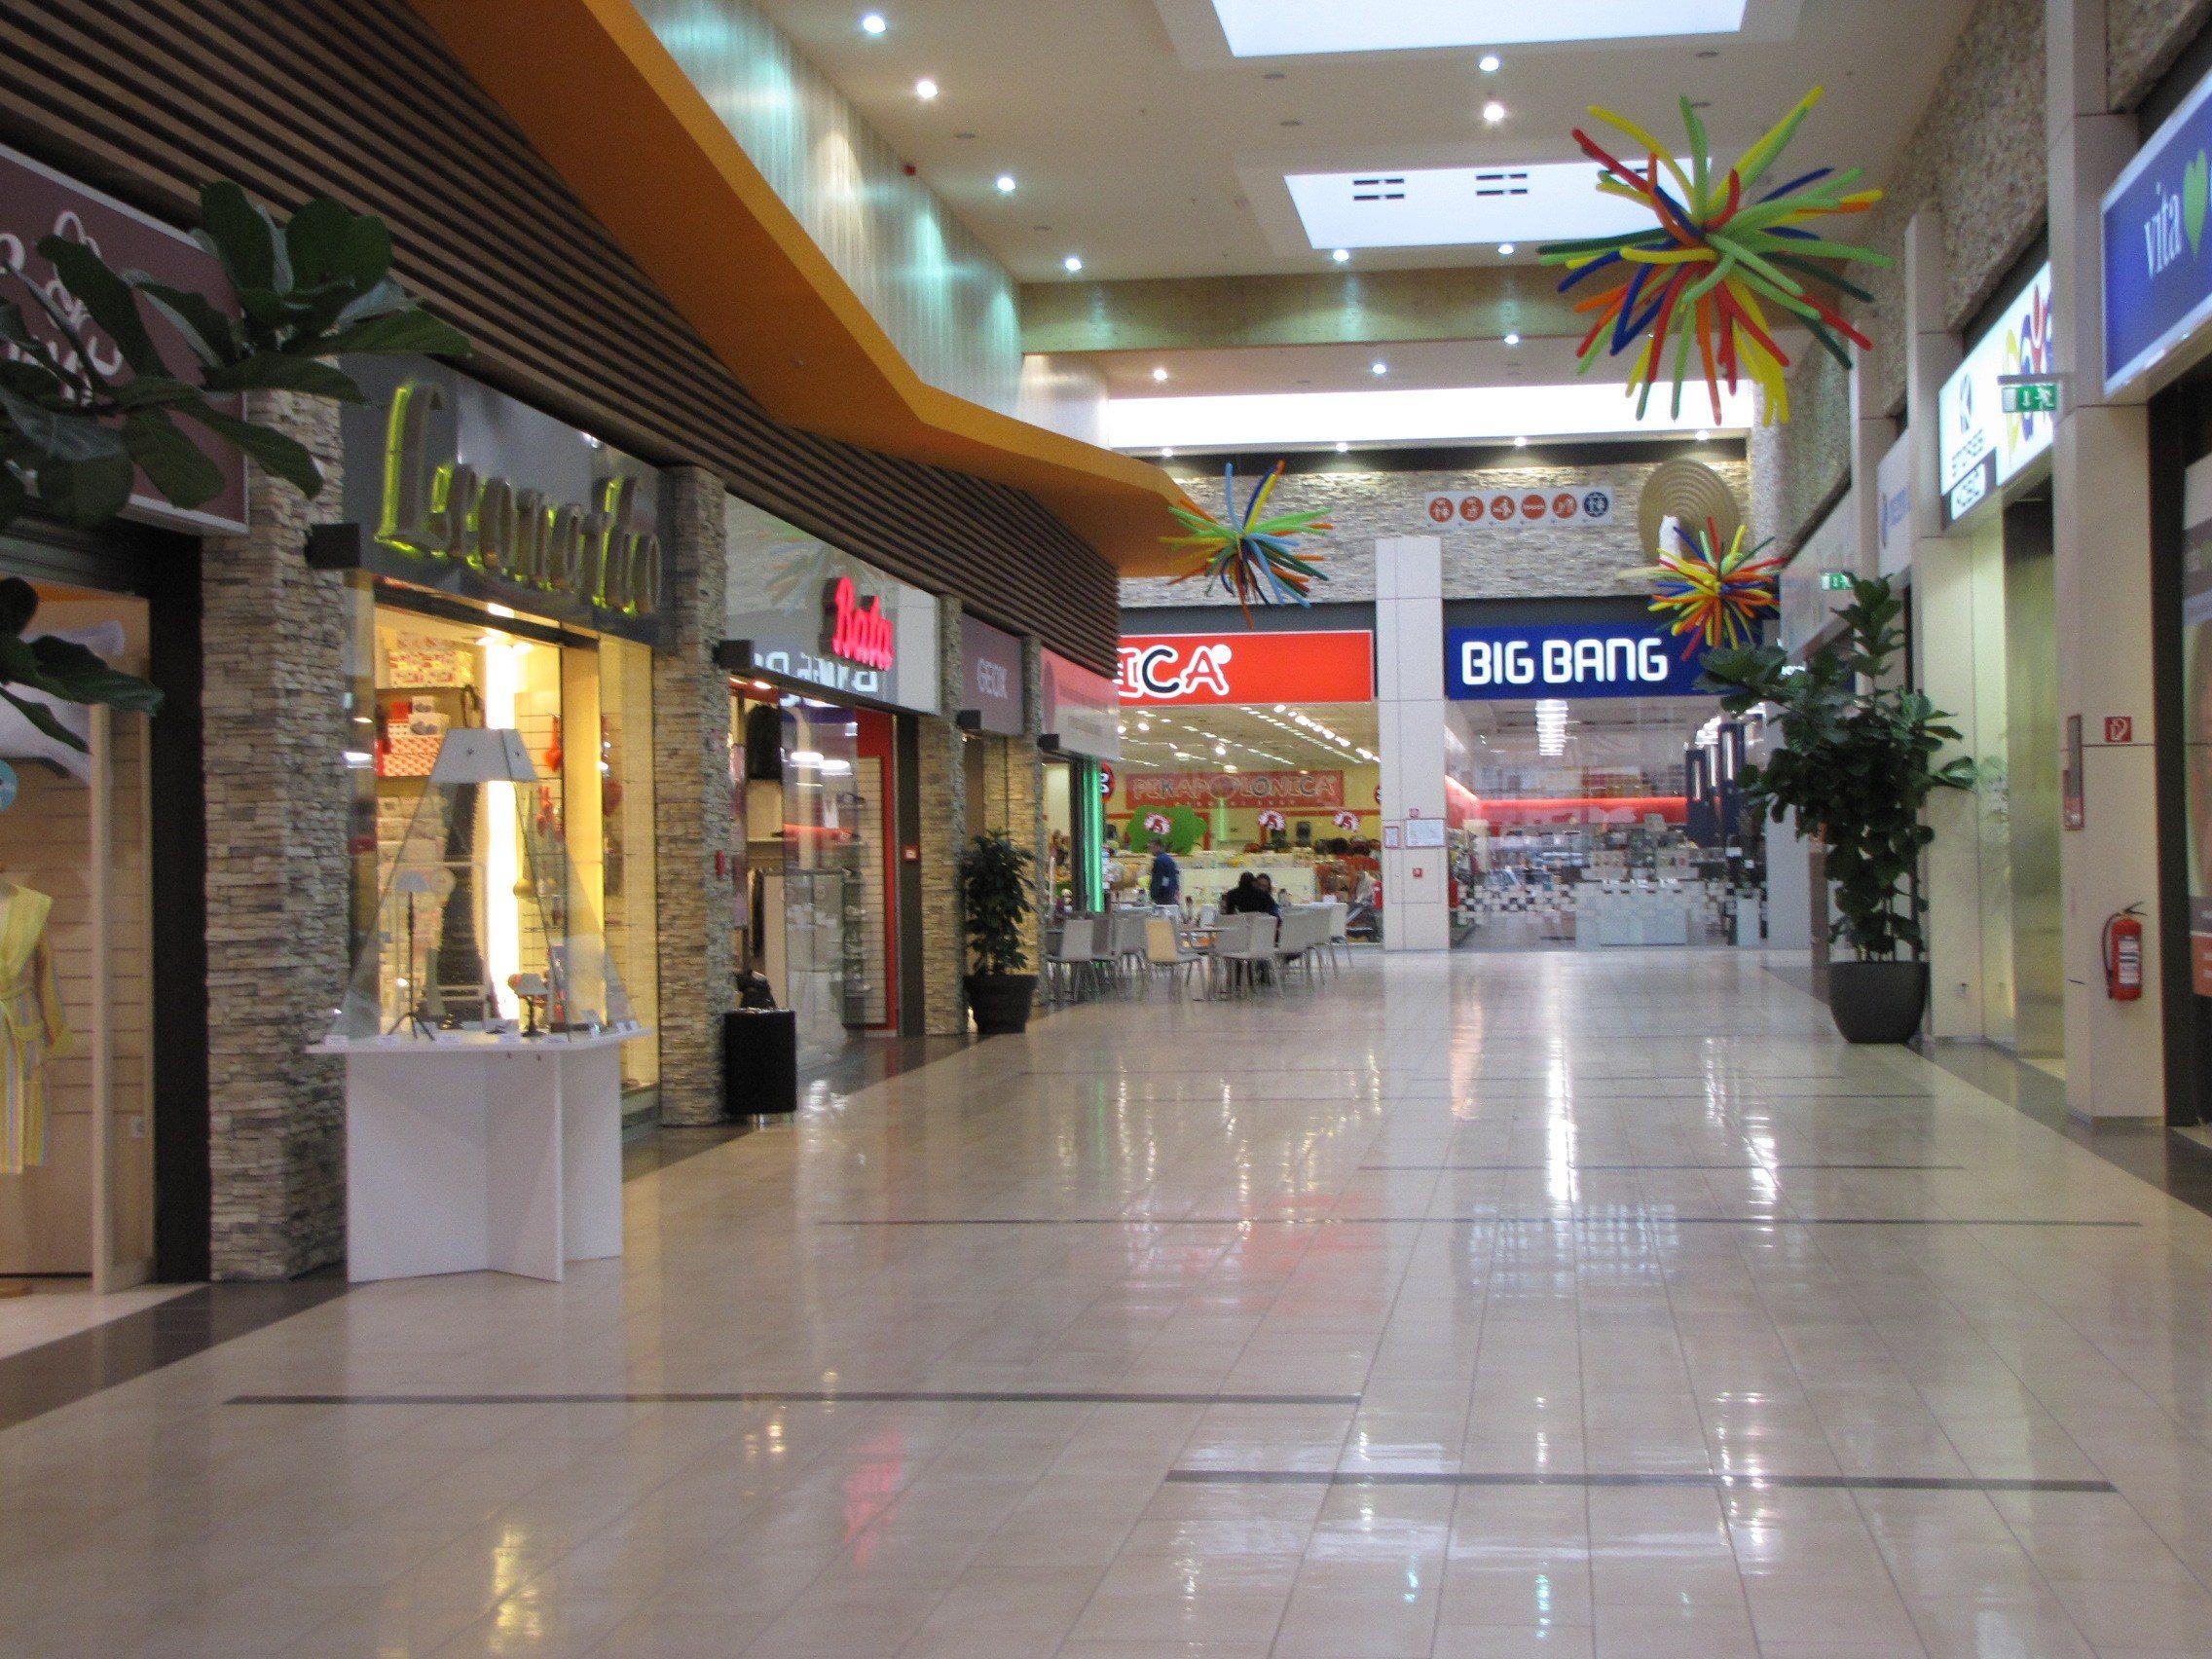 Nuovo centro commerciale il progetto sar analizzato for Centro commerciale campania negozi arredamento